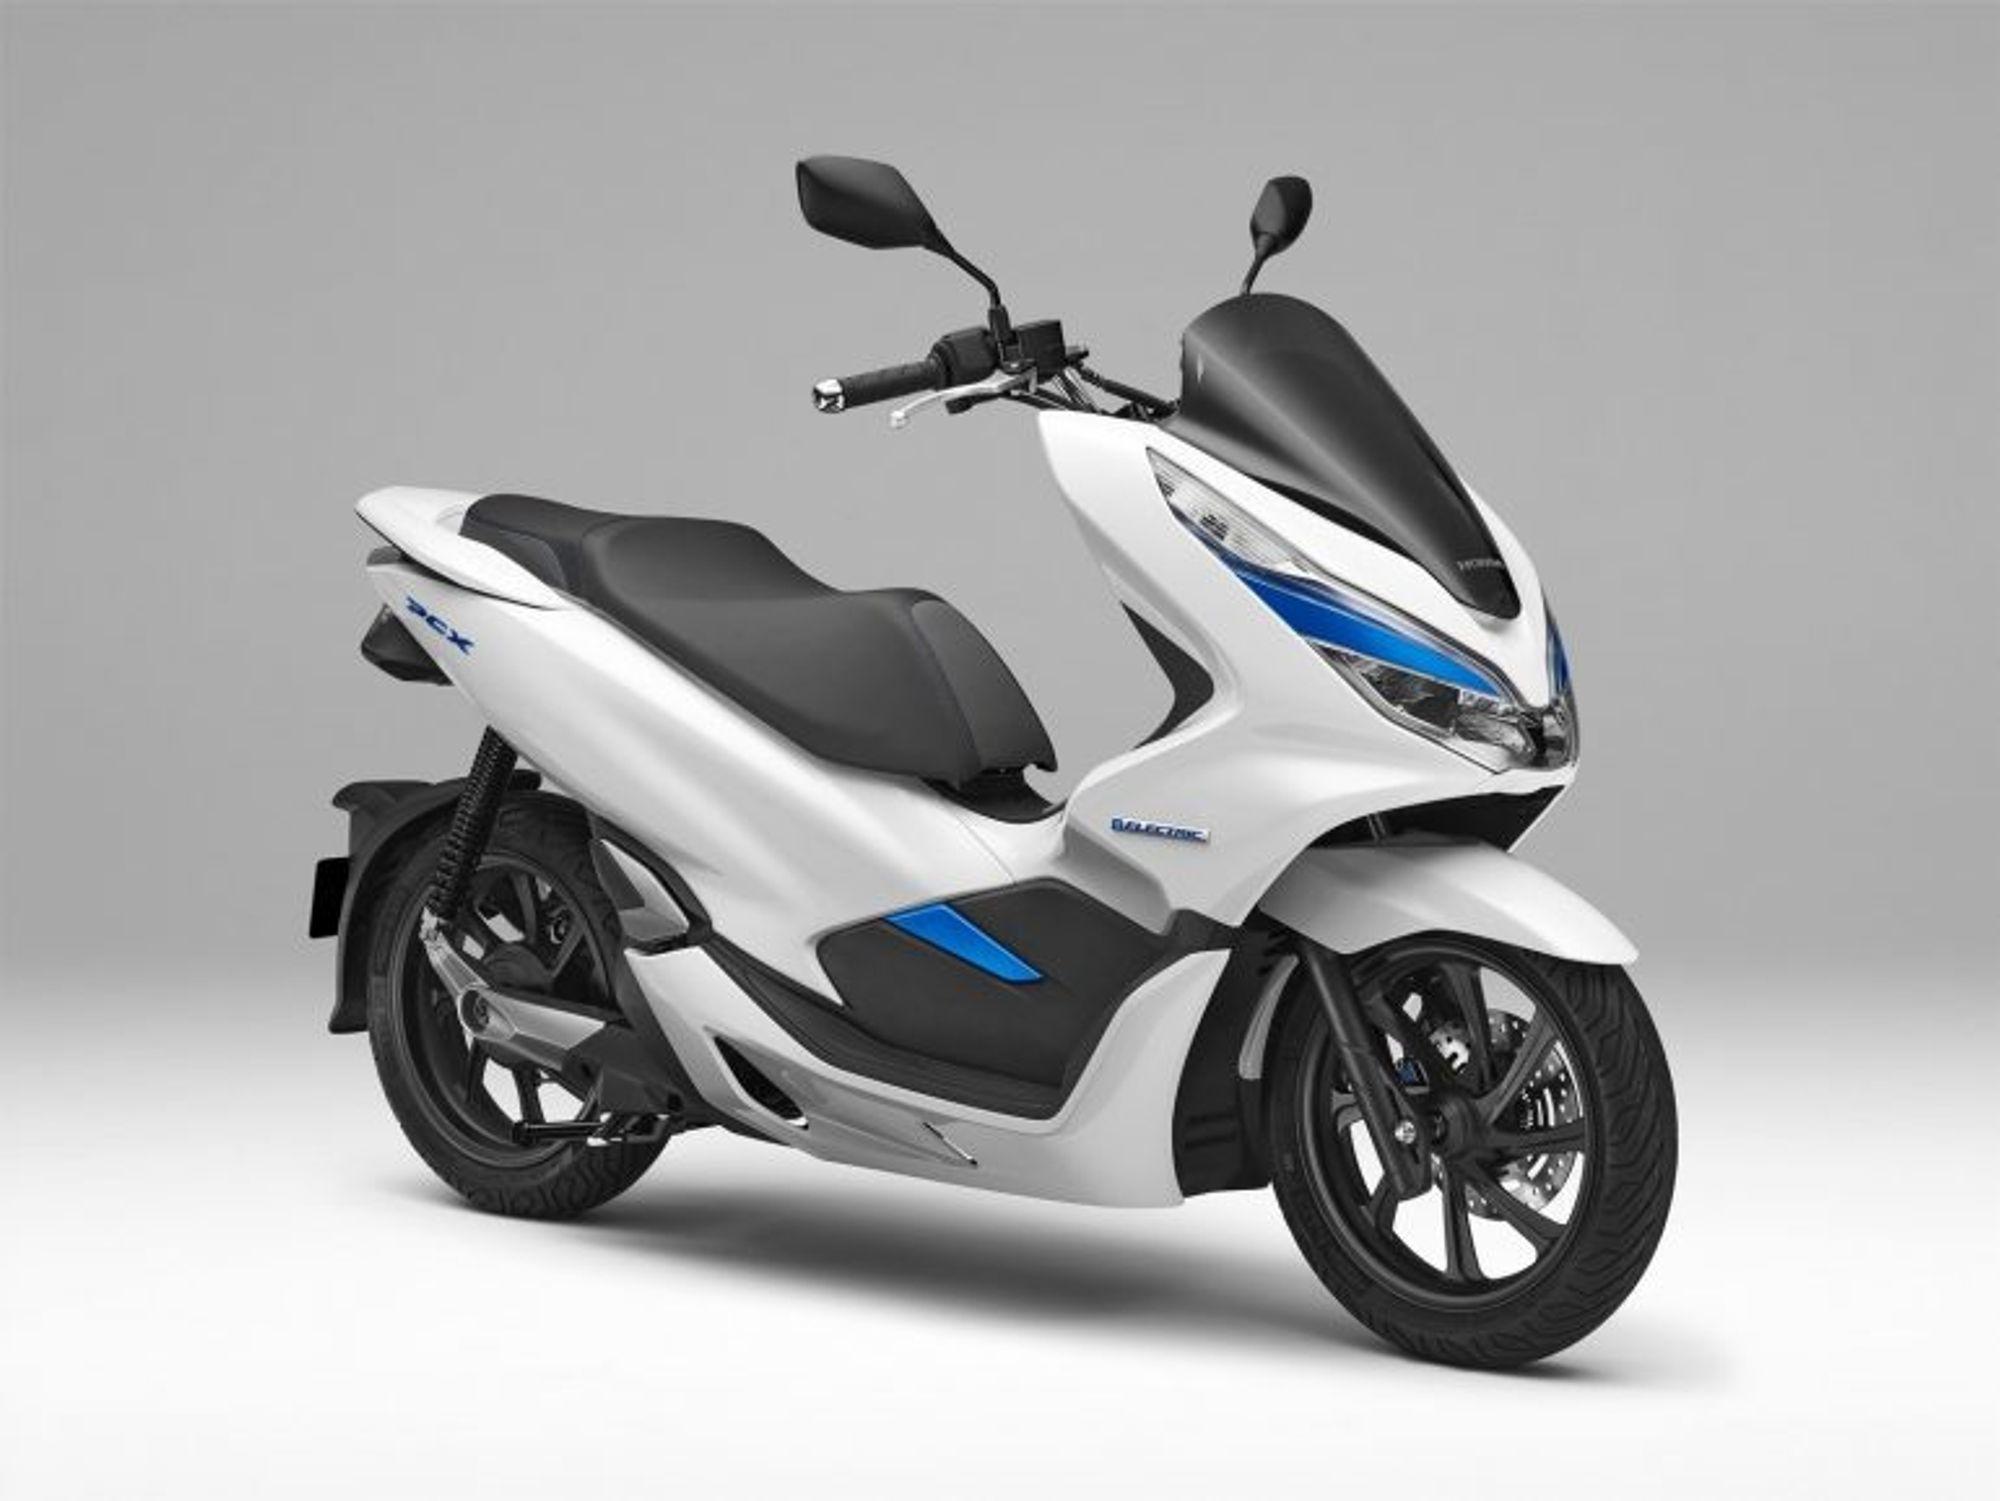 Oppdatert Scooterne blir elektriske - bytter batteri på bare seks sekunder CQ-77